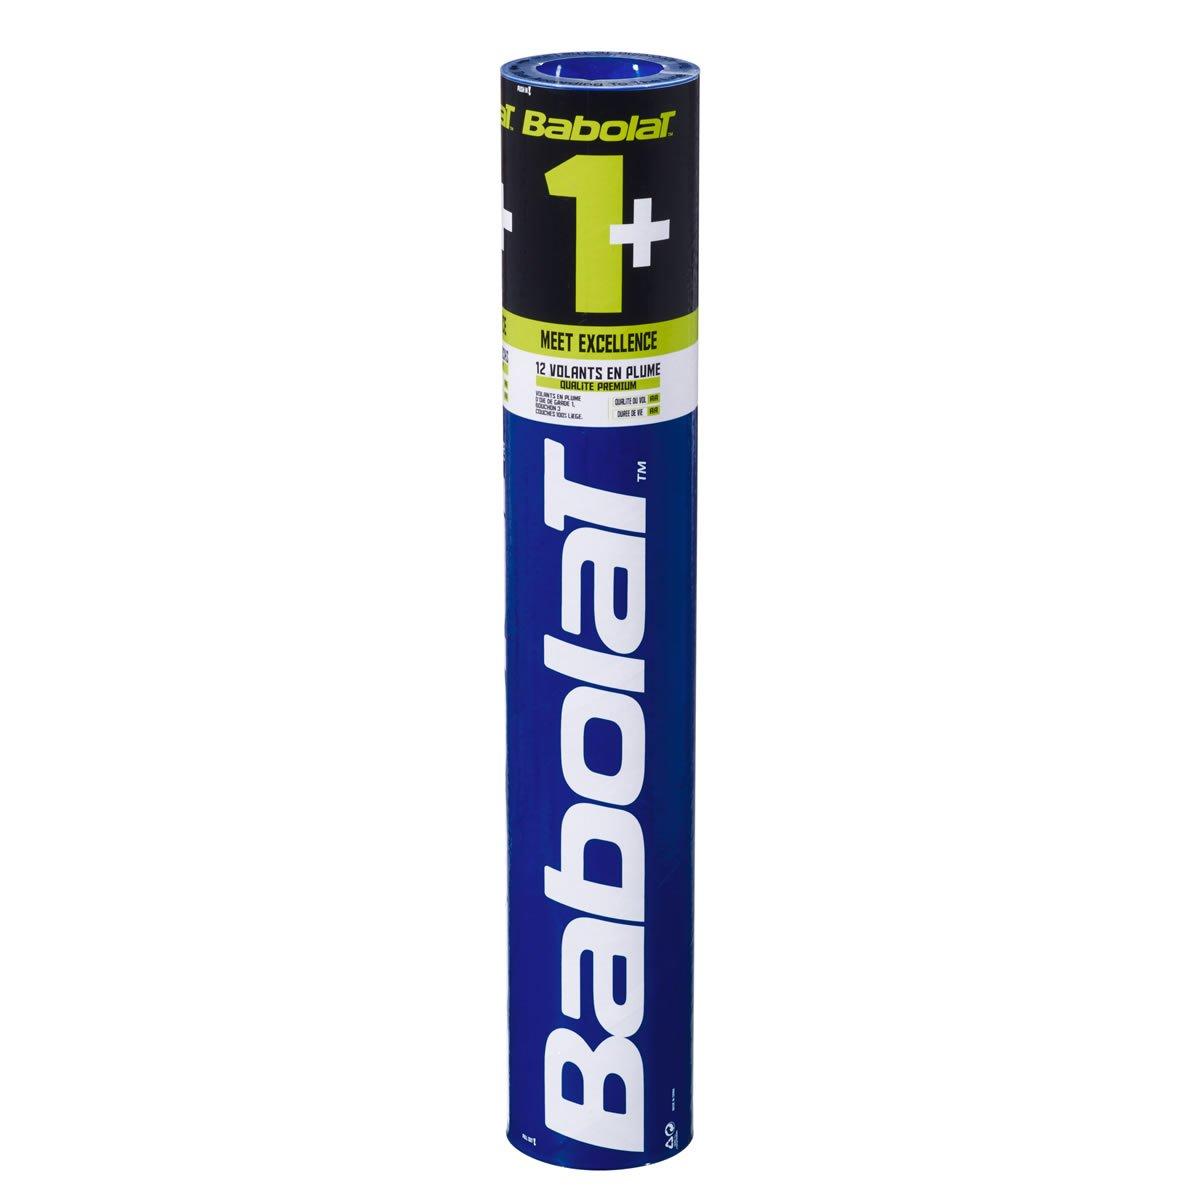 Babolat Naturfederball Feather 1 H/öchste Qualit/ätsstufe